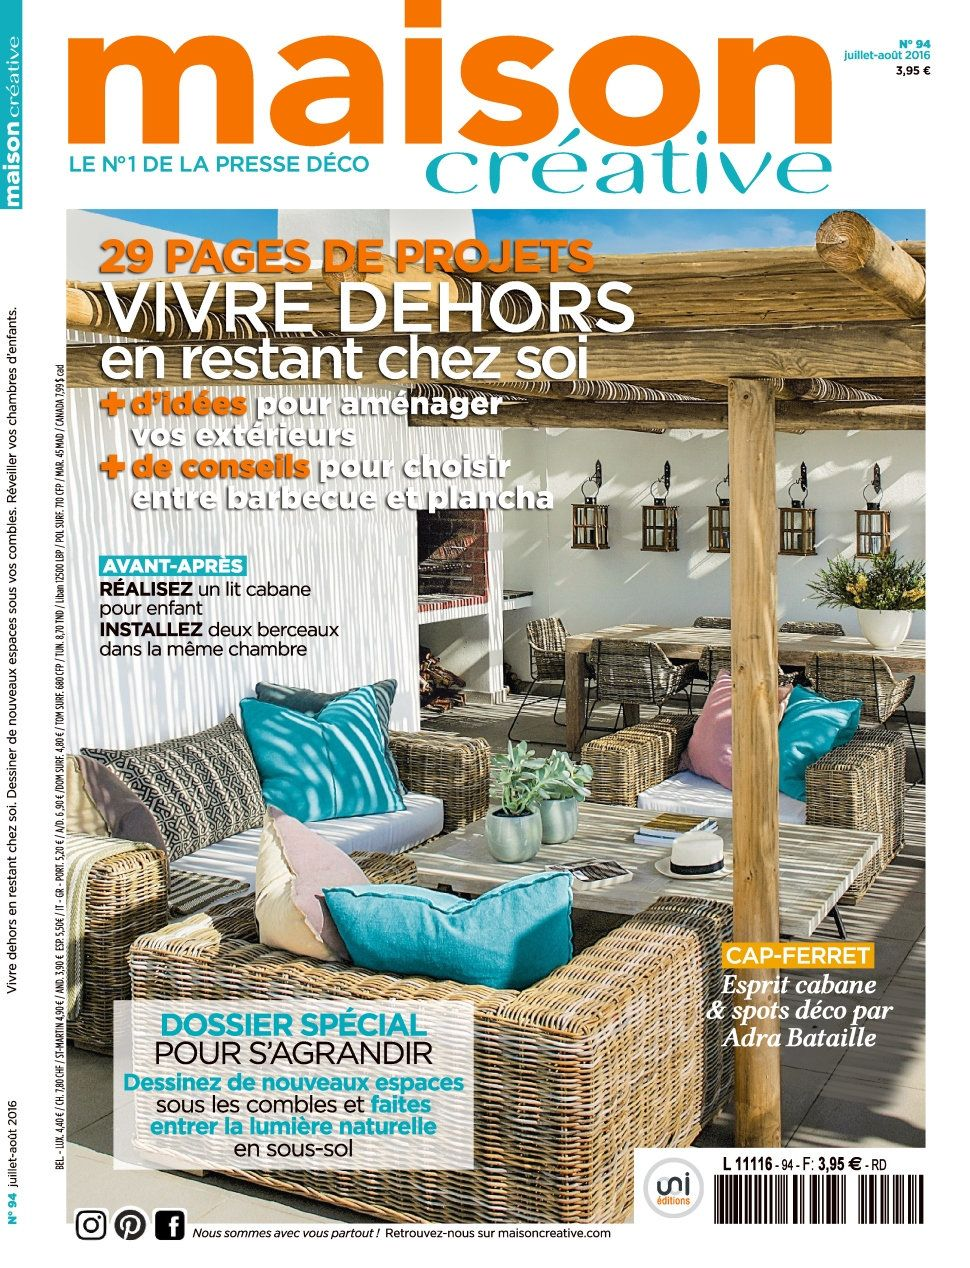 Maison Créative 94 - Juillet/Aout 2016